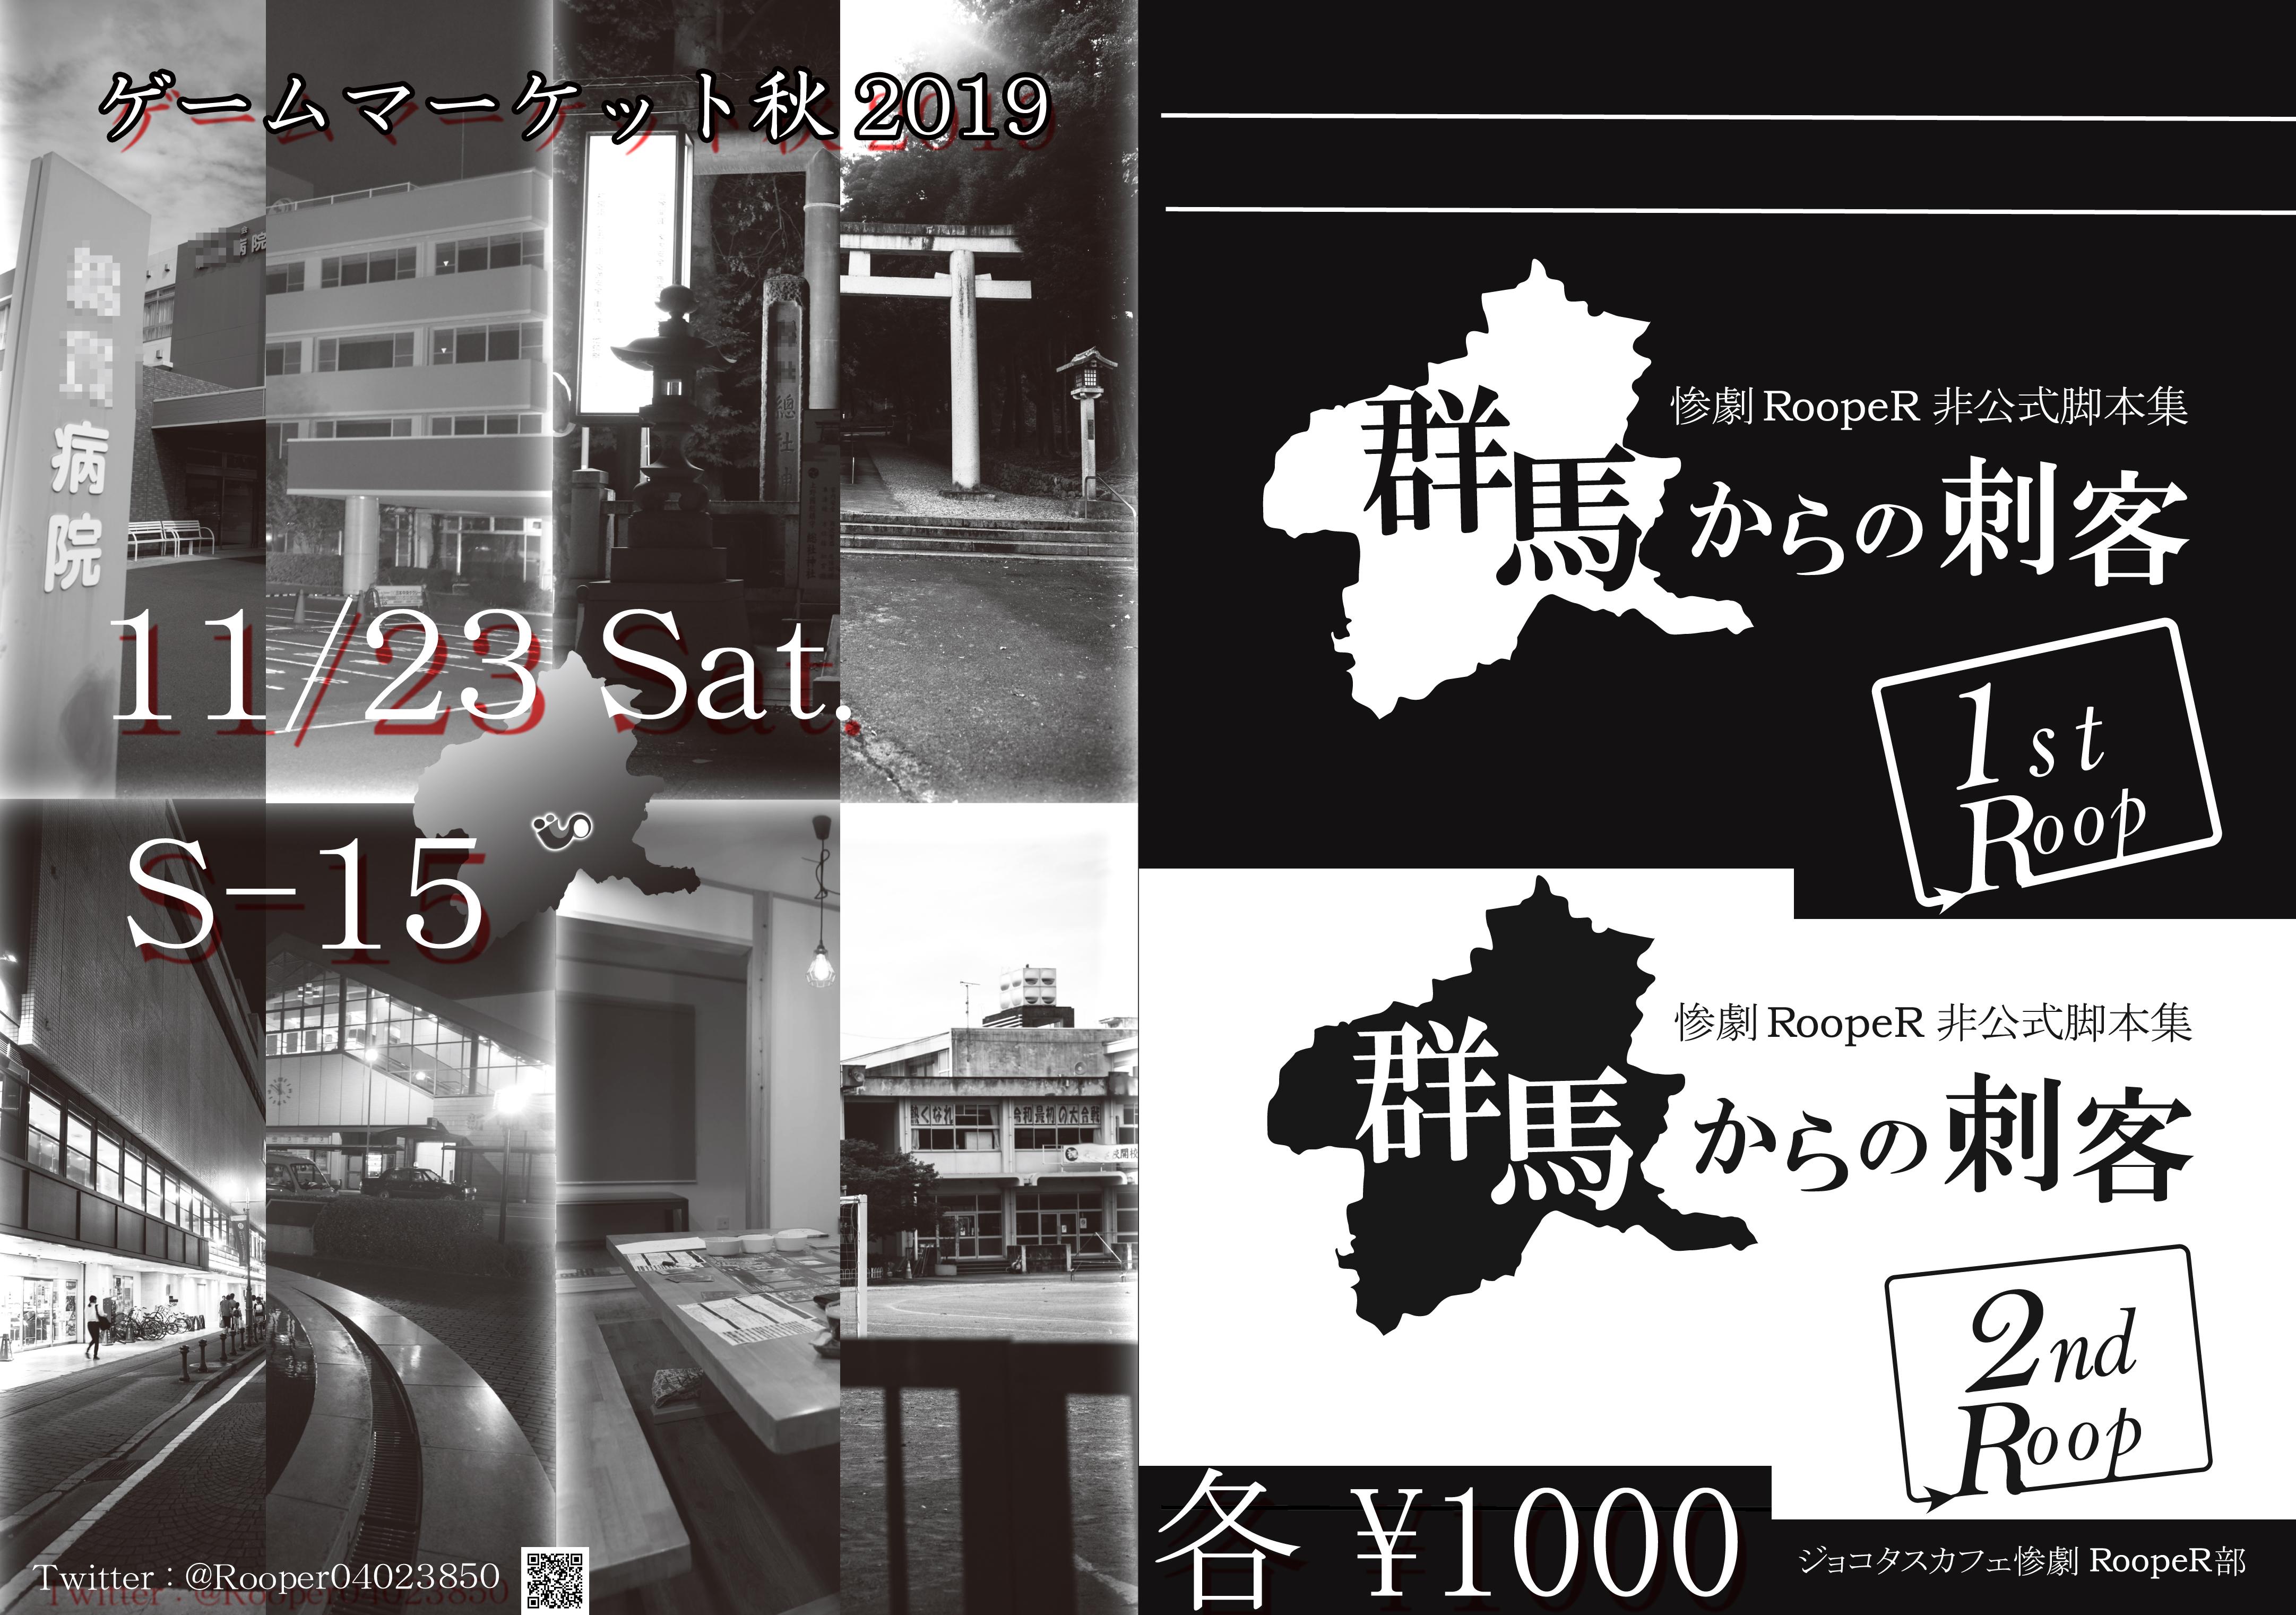 ジョコタスカフェ惨劇RoopeR部画像